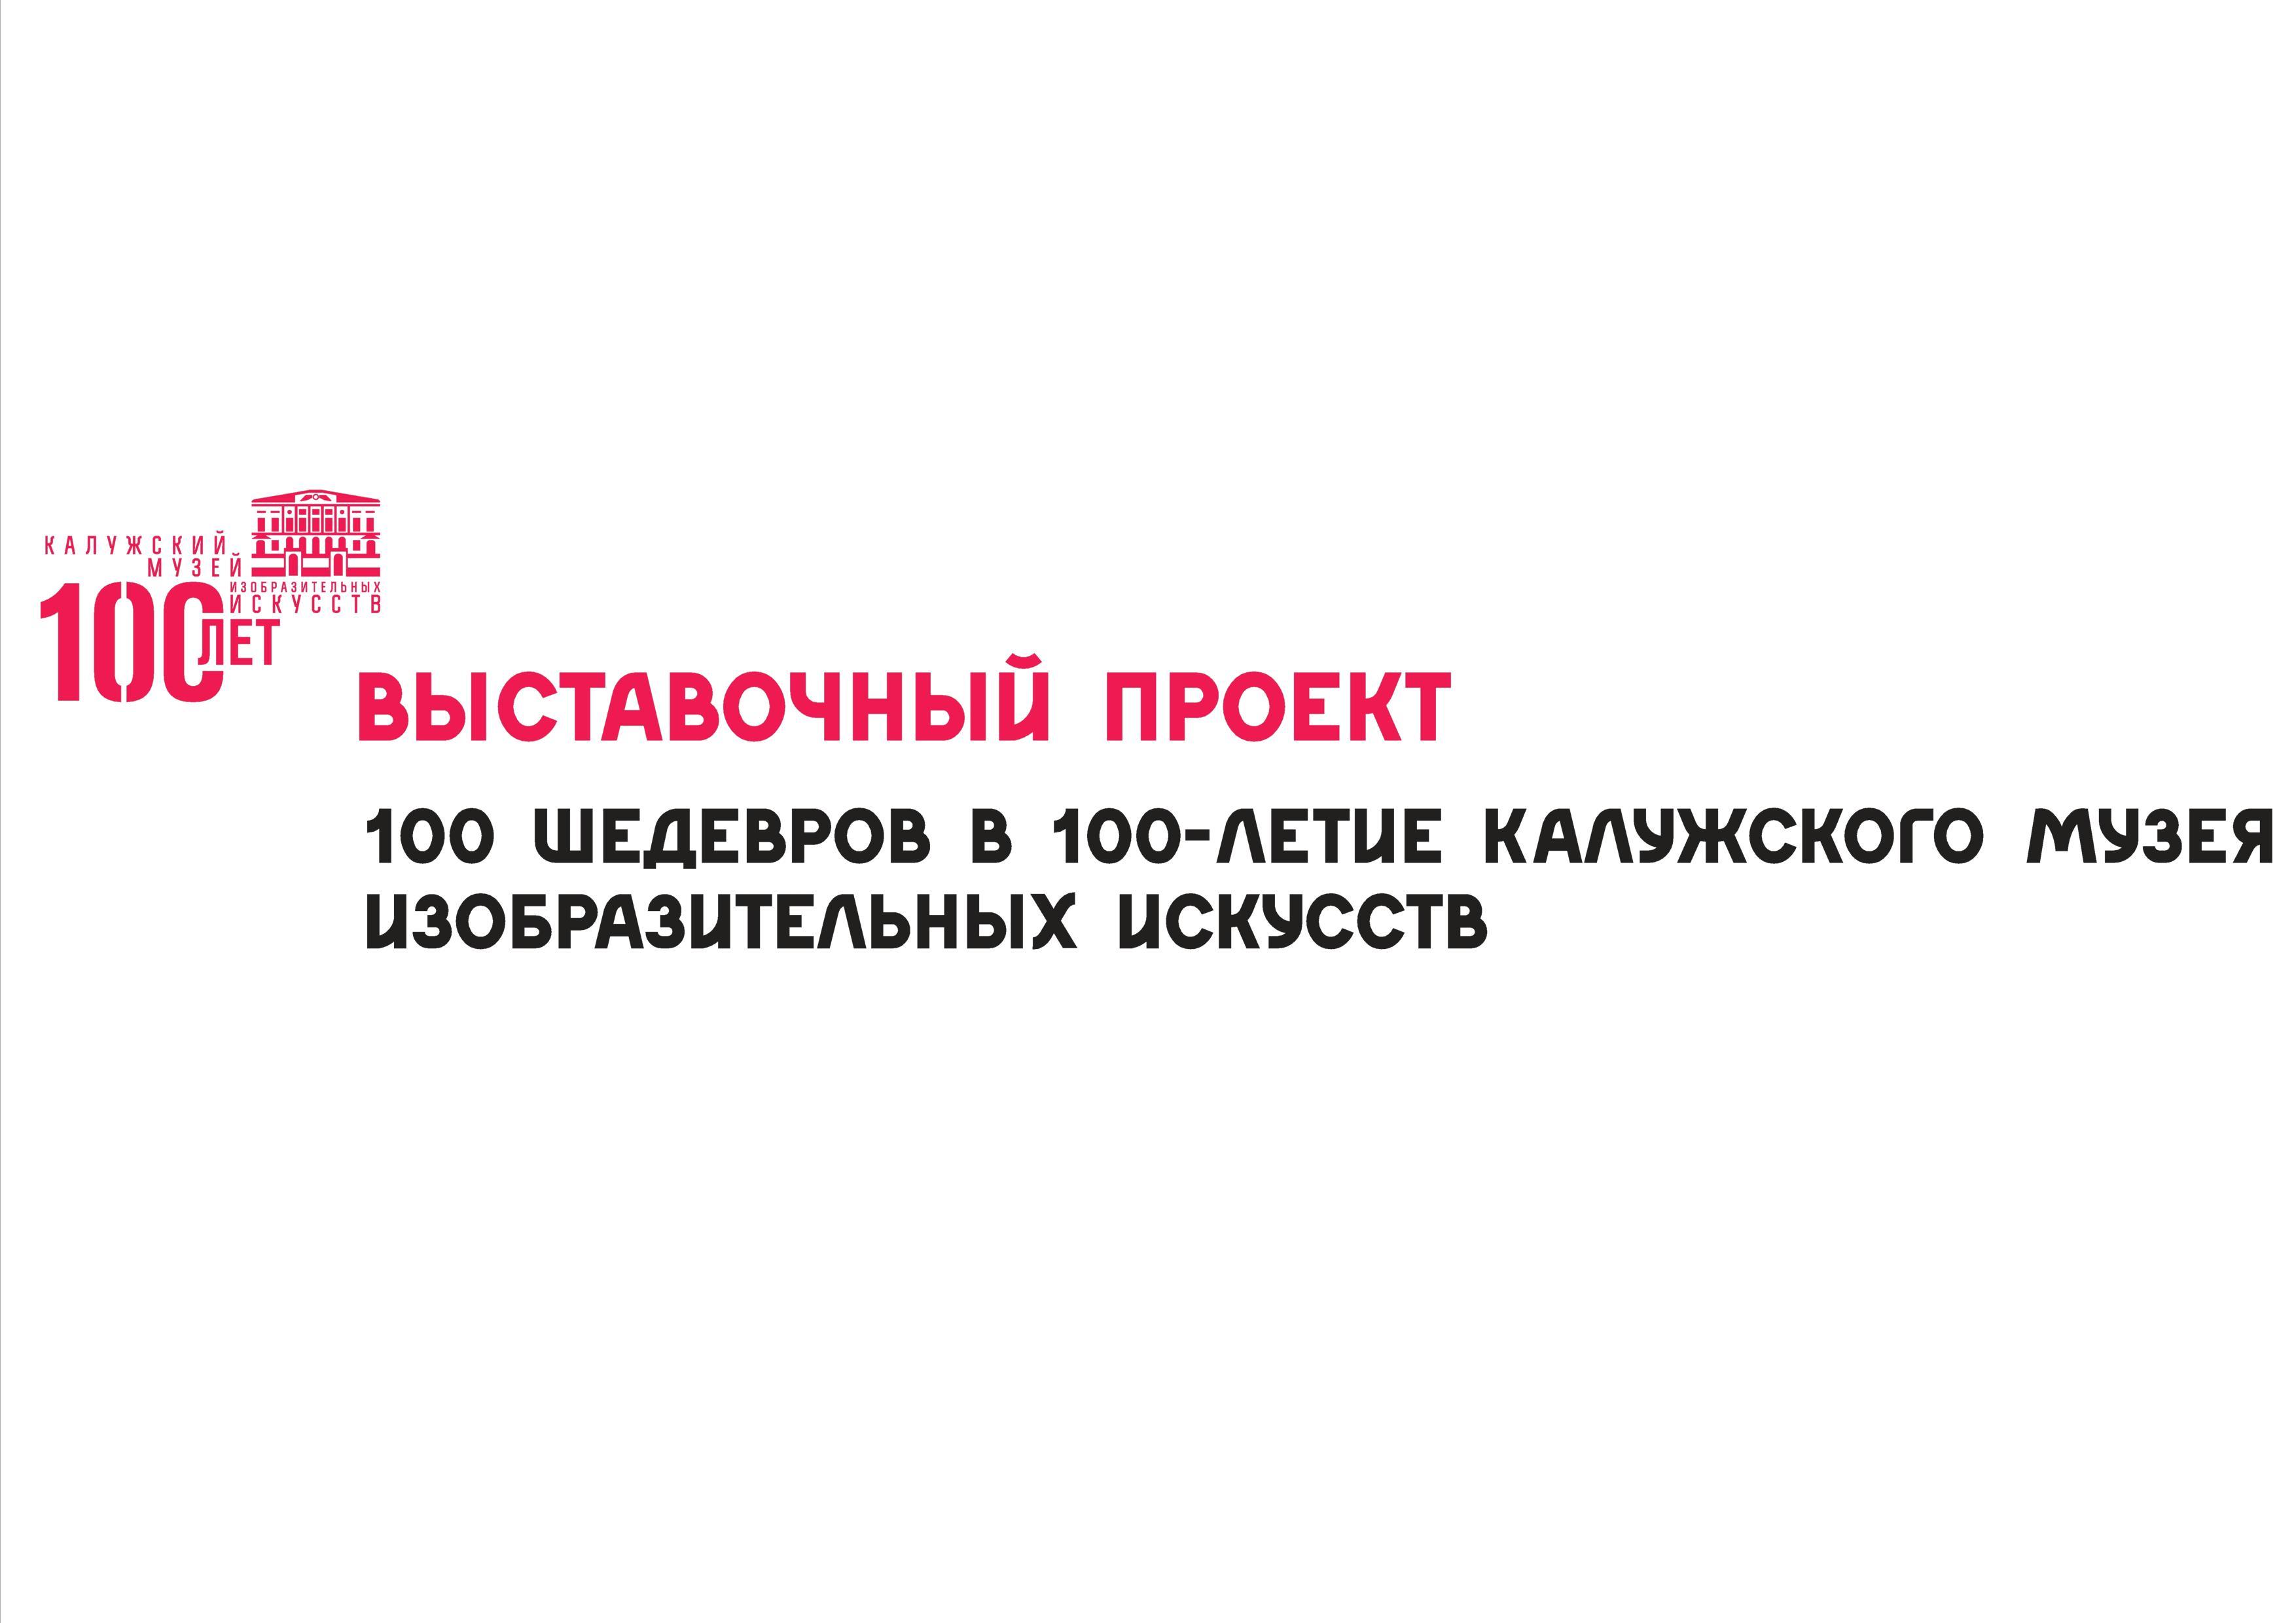 Калужский музей изобразительных искусств представит 100 шедевров